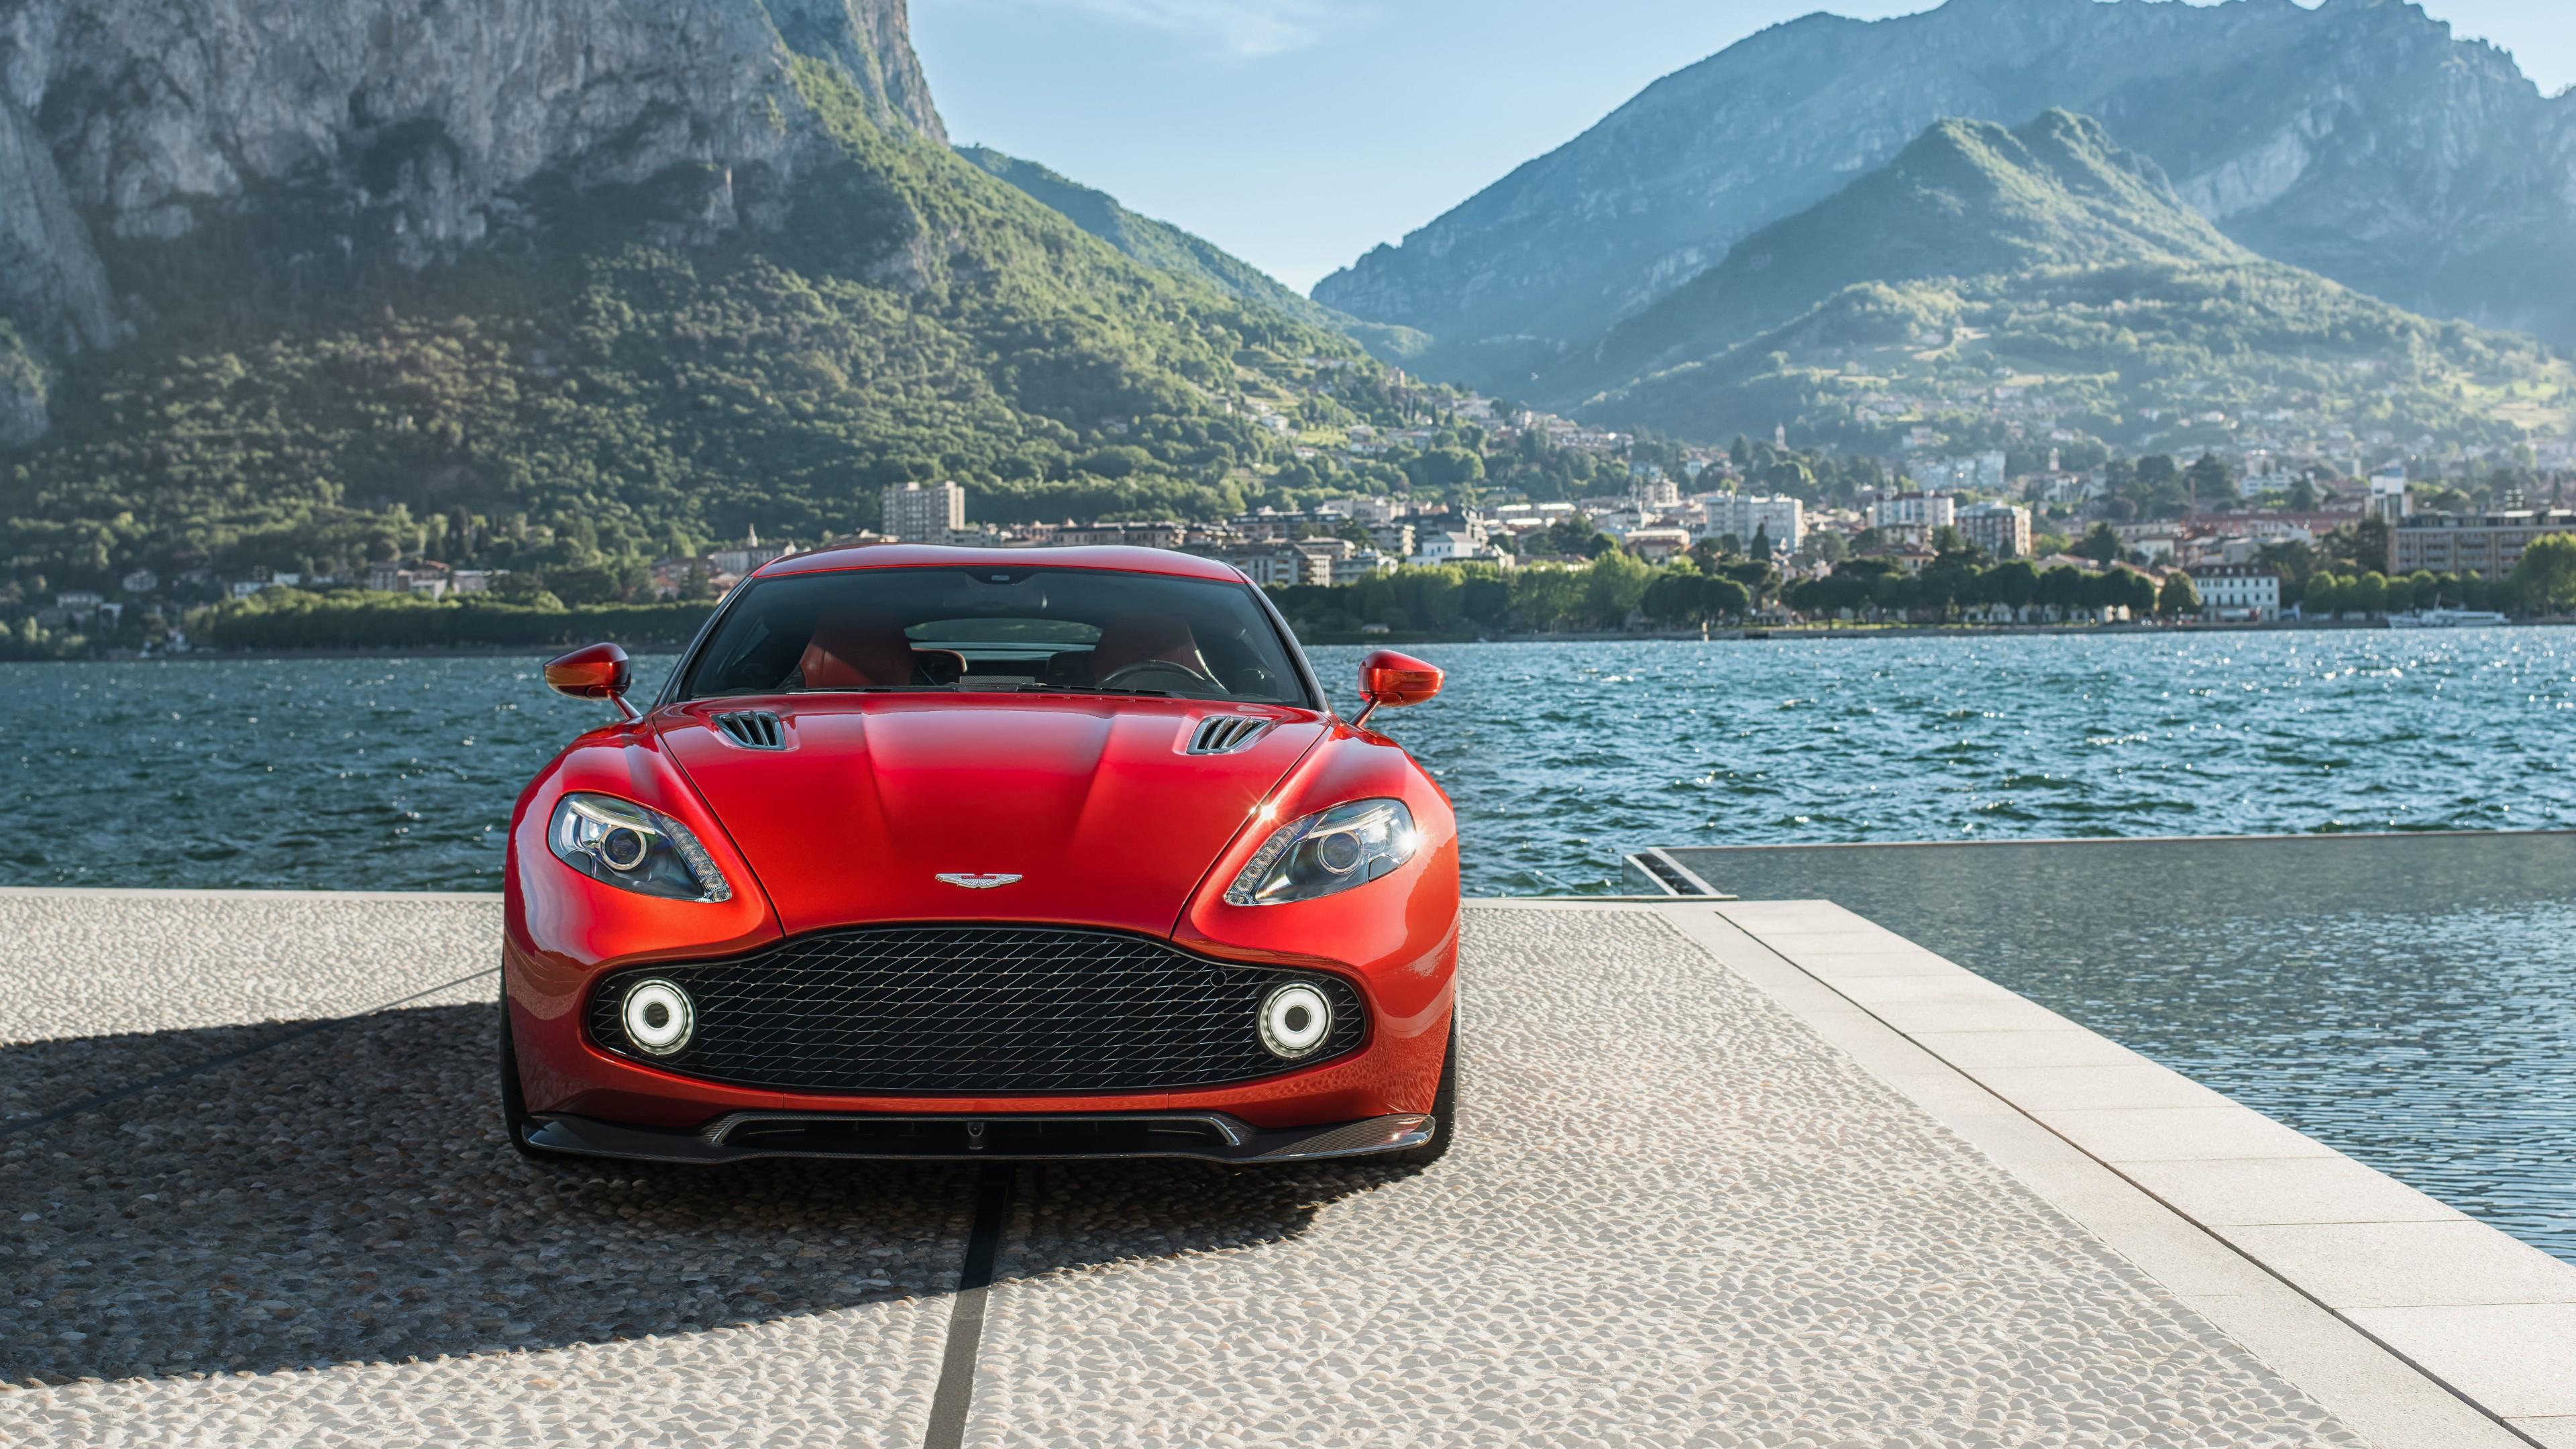 Красный спортивный автомобиль на фоне горных вершин и сине-изумрудных волн моря